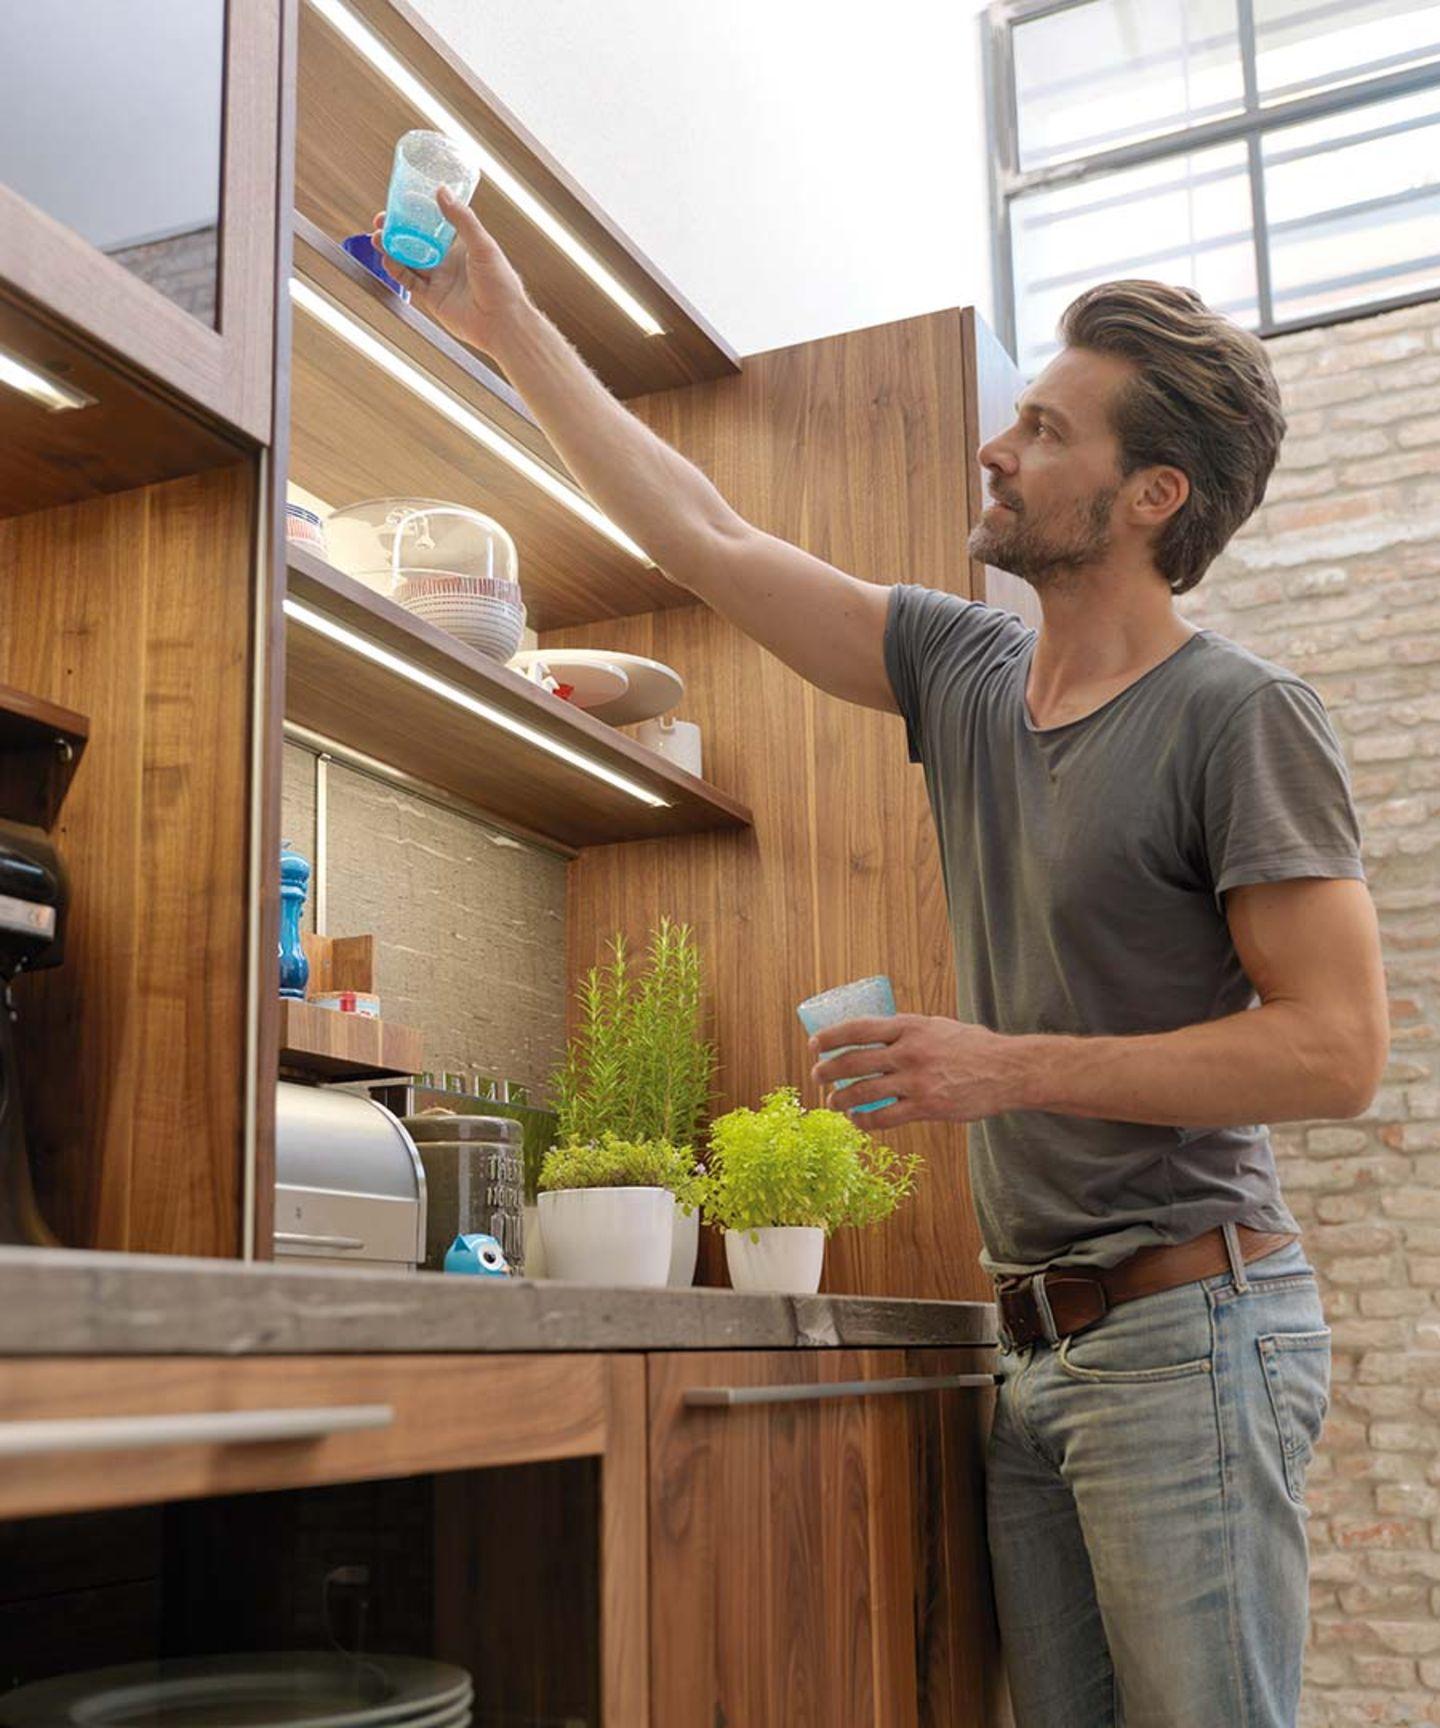 Küche loft aus massivem Holz mit offenen Borden